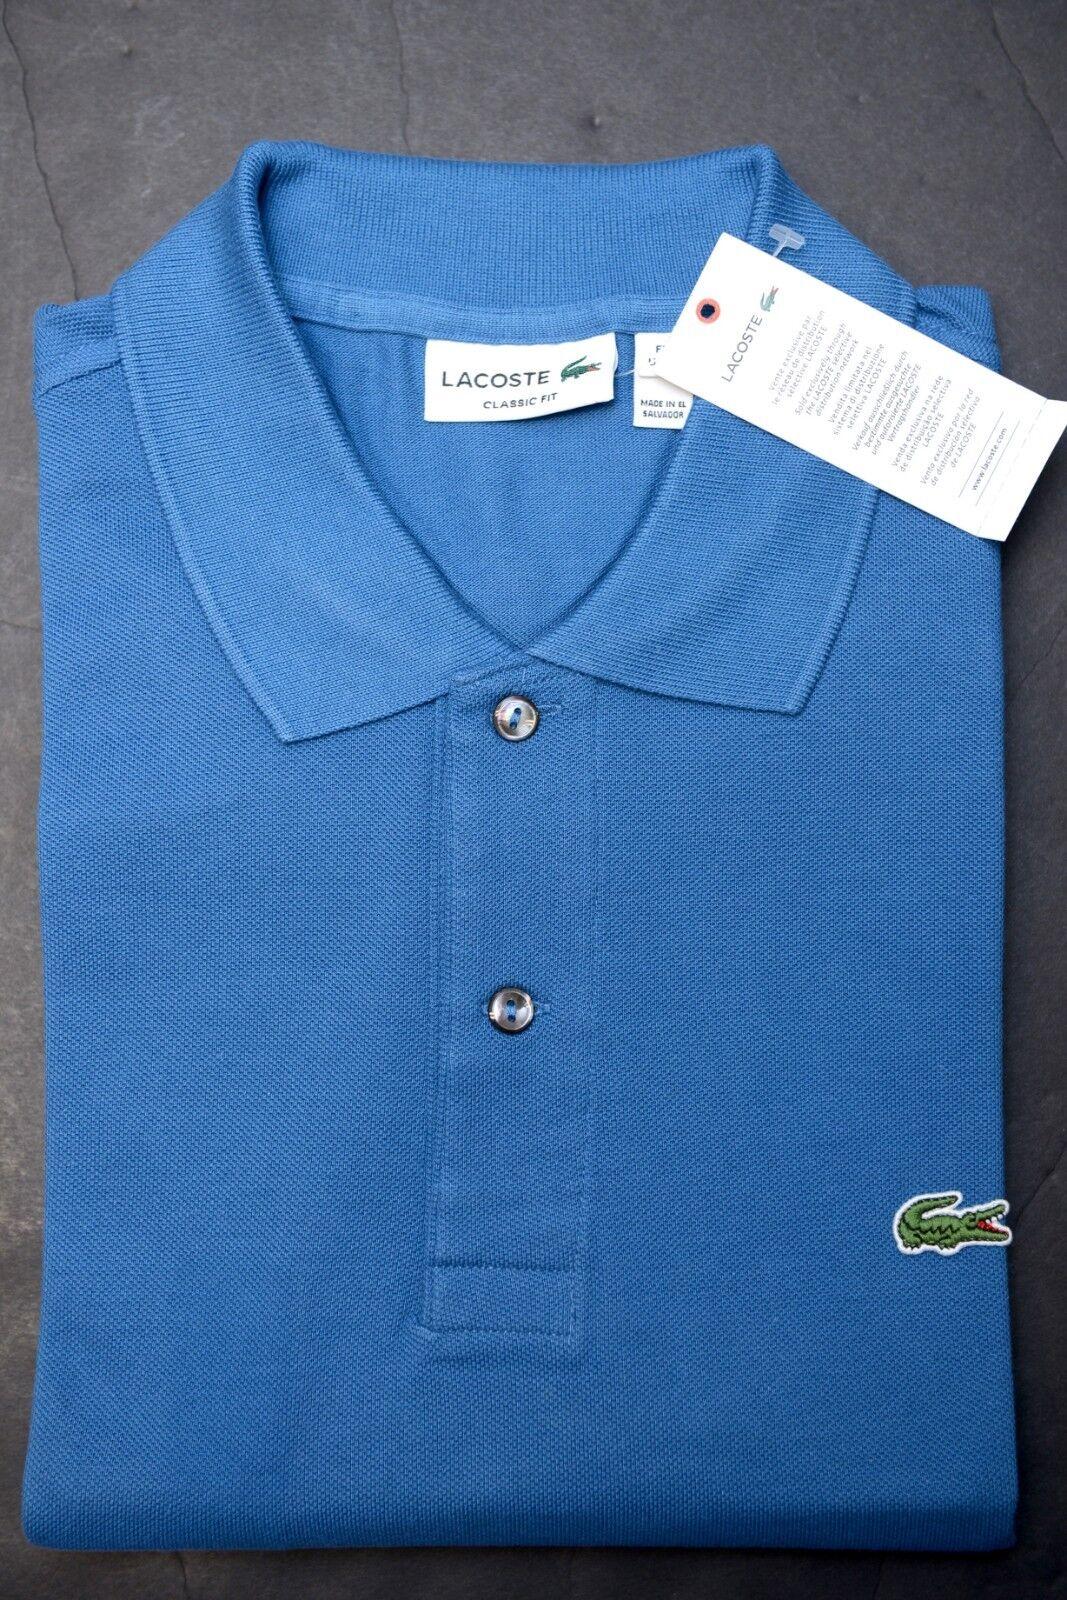 Lacoste L1212 Uomo Piqué Taglio Classico Ufficiale Blu Maglietta Polo di Cotone